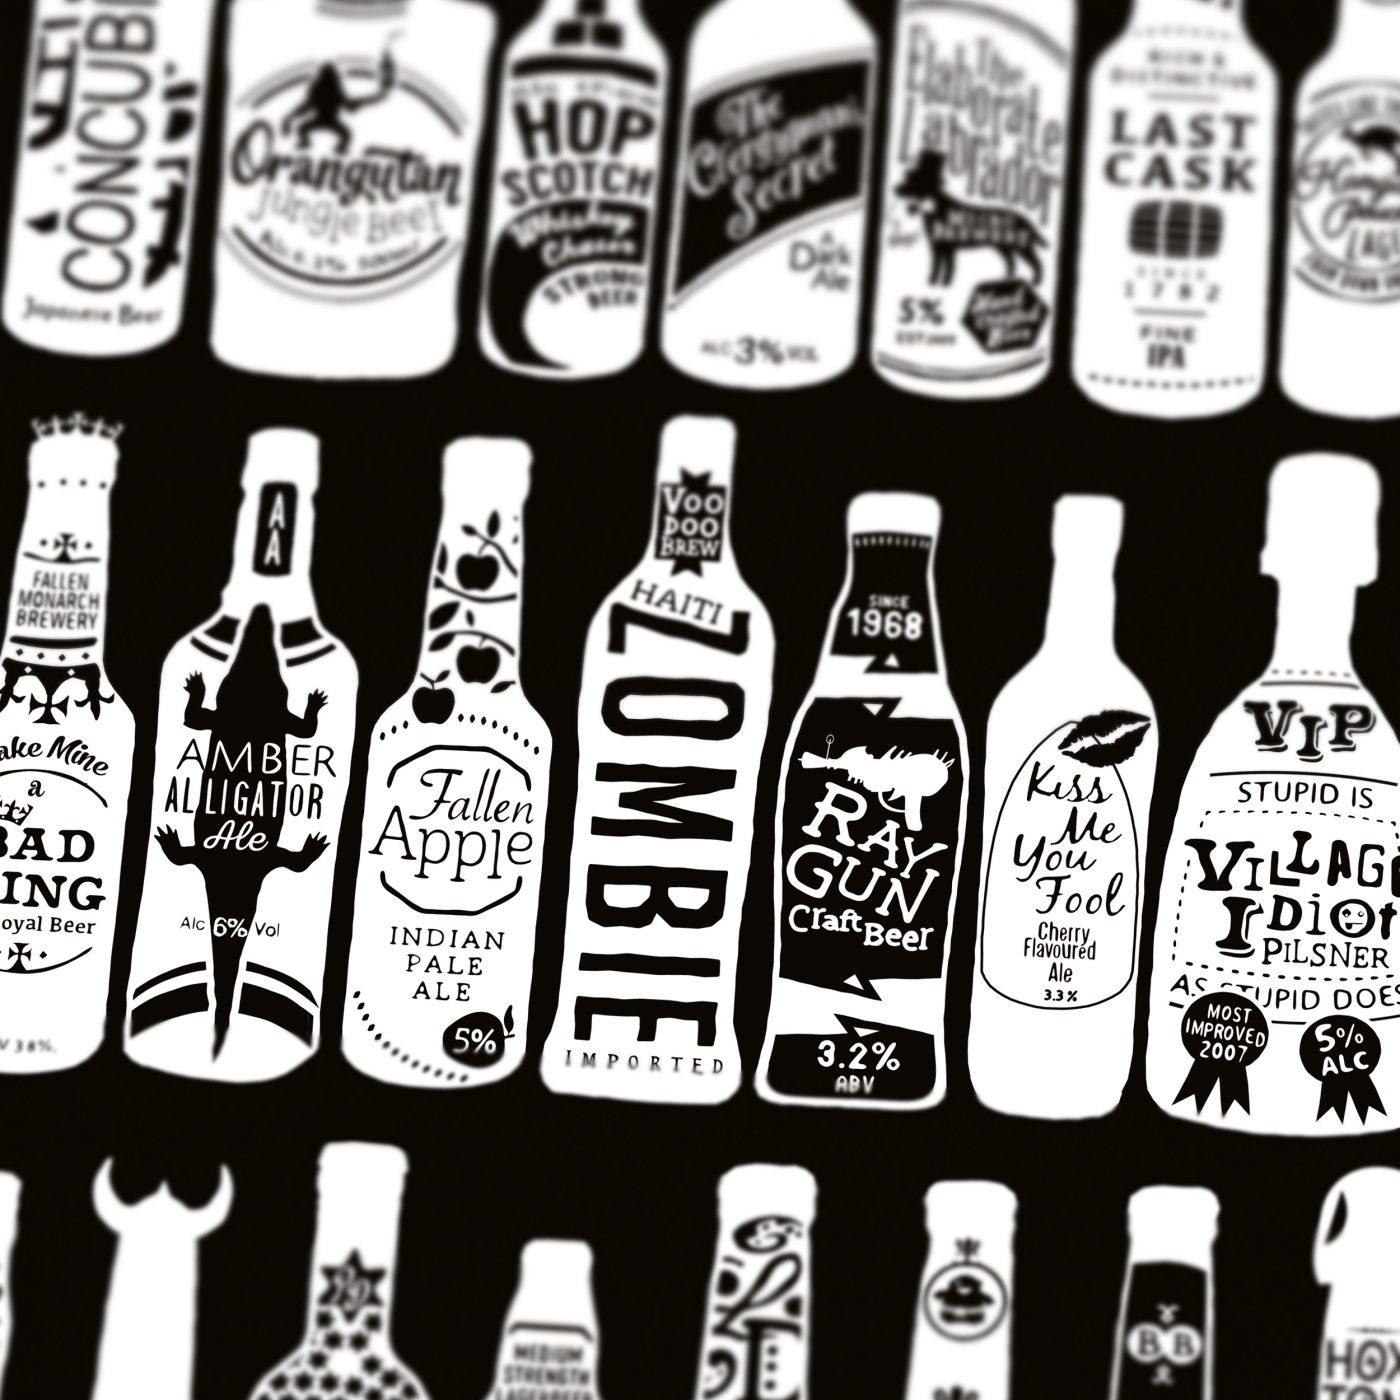 typographic bottles of beer